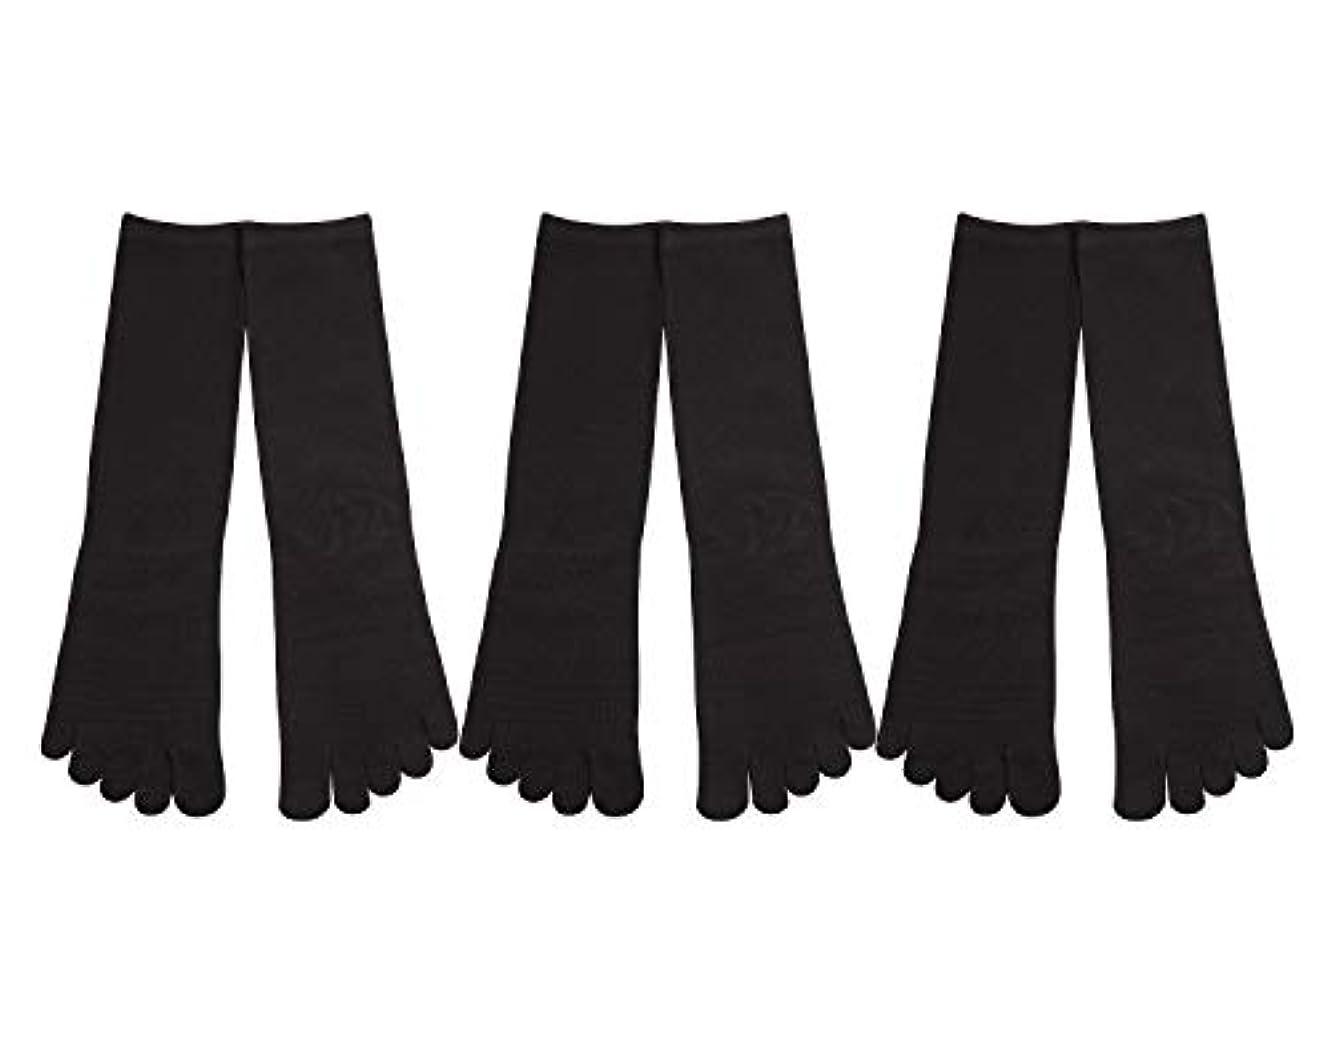 比べるレンダリング格差Deol(デオル) 5本指 靴下 男性用 黒 3足セット 25cm-27cm メンズ [足のニオイ対策] 長時間消臭 日本製 靴下